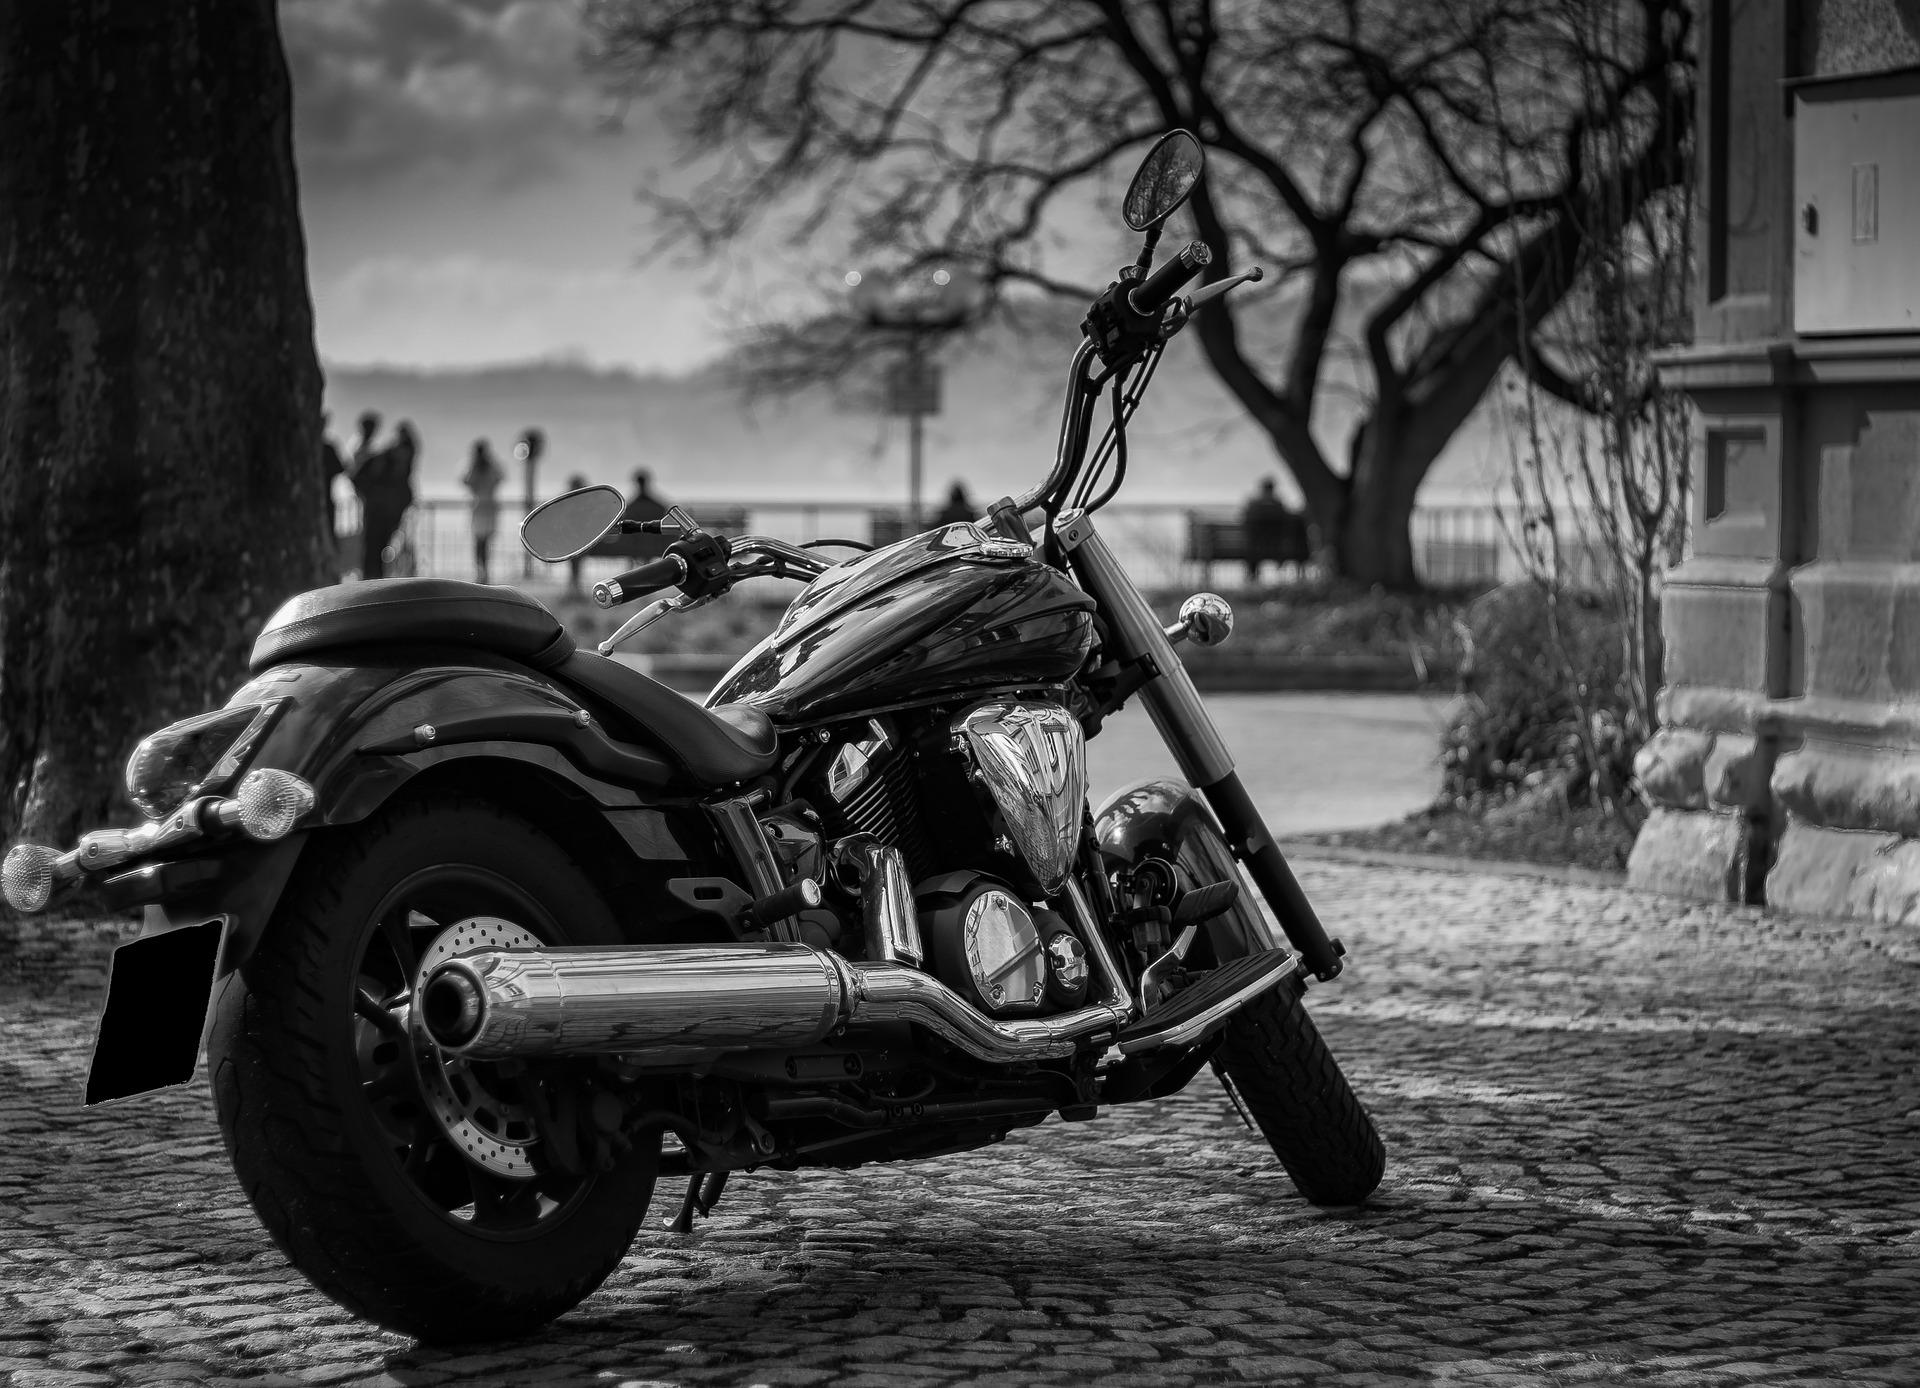 Rusza sezon na motocykle. Do łask wracają mocniejsze maszyny